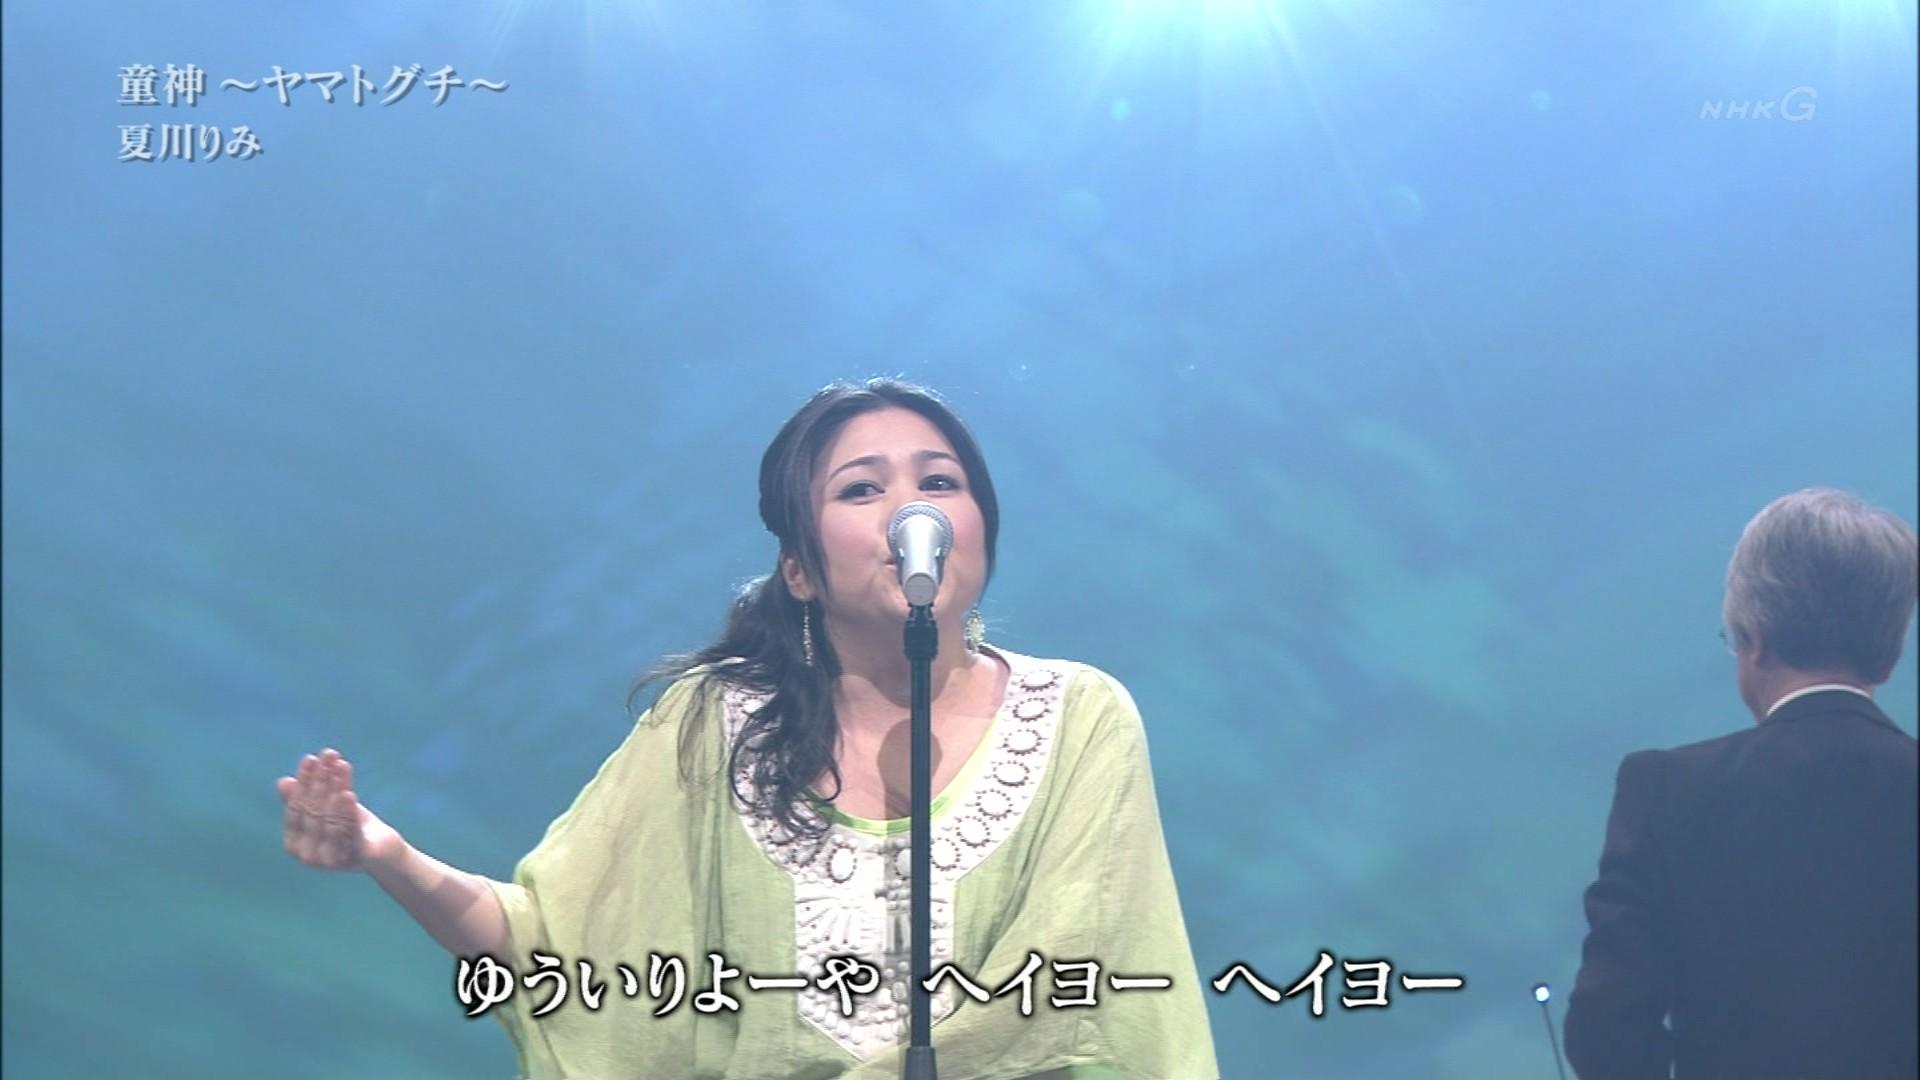 歌謡チャリティーコンサート「北海道・札幌市」 : こんなテレビを見た。